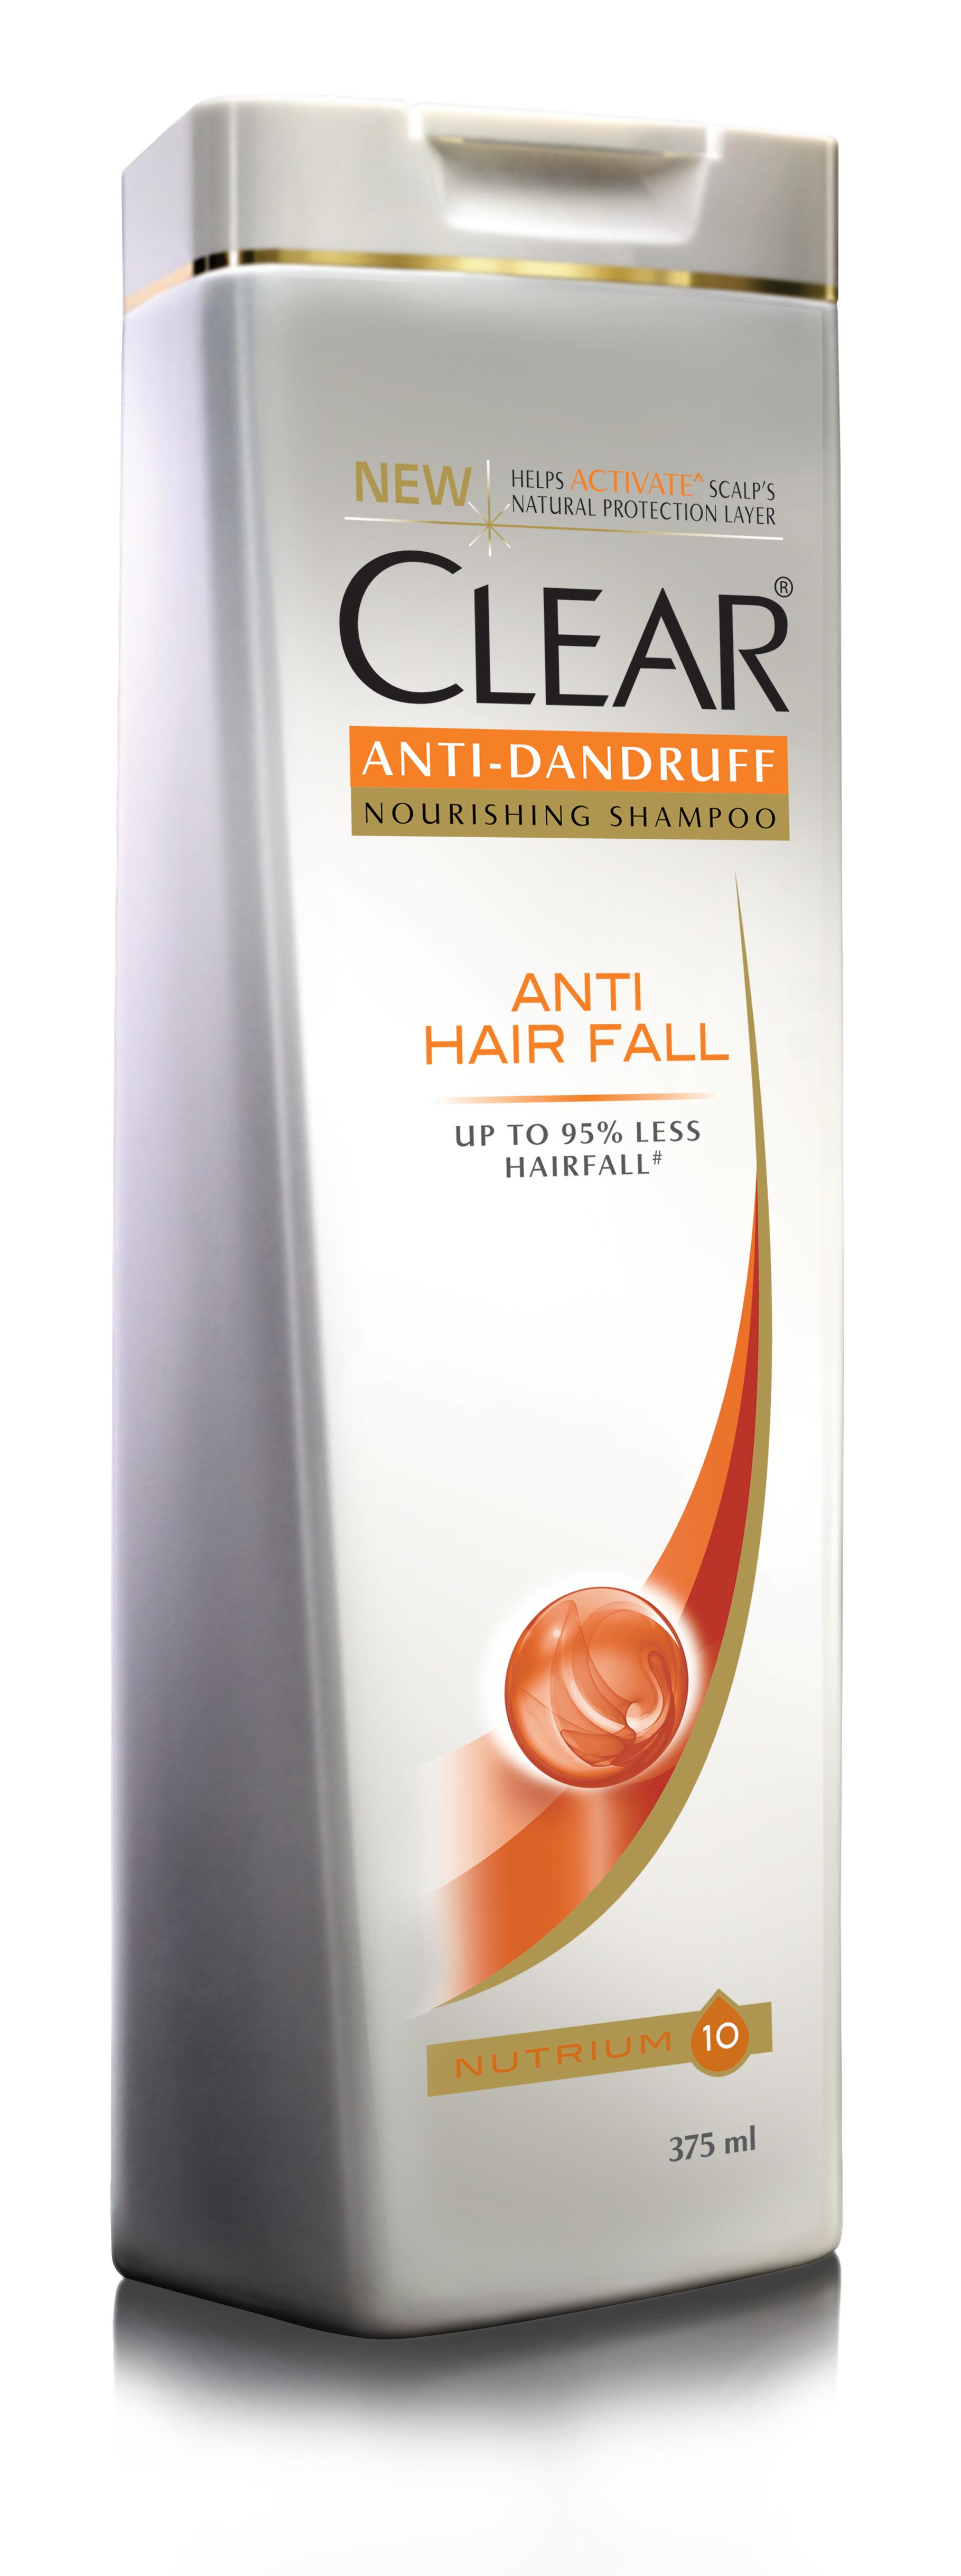 Anti-hair-fall